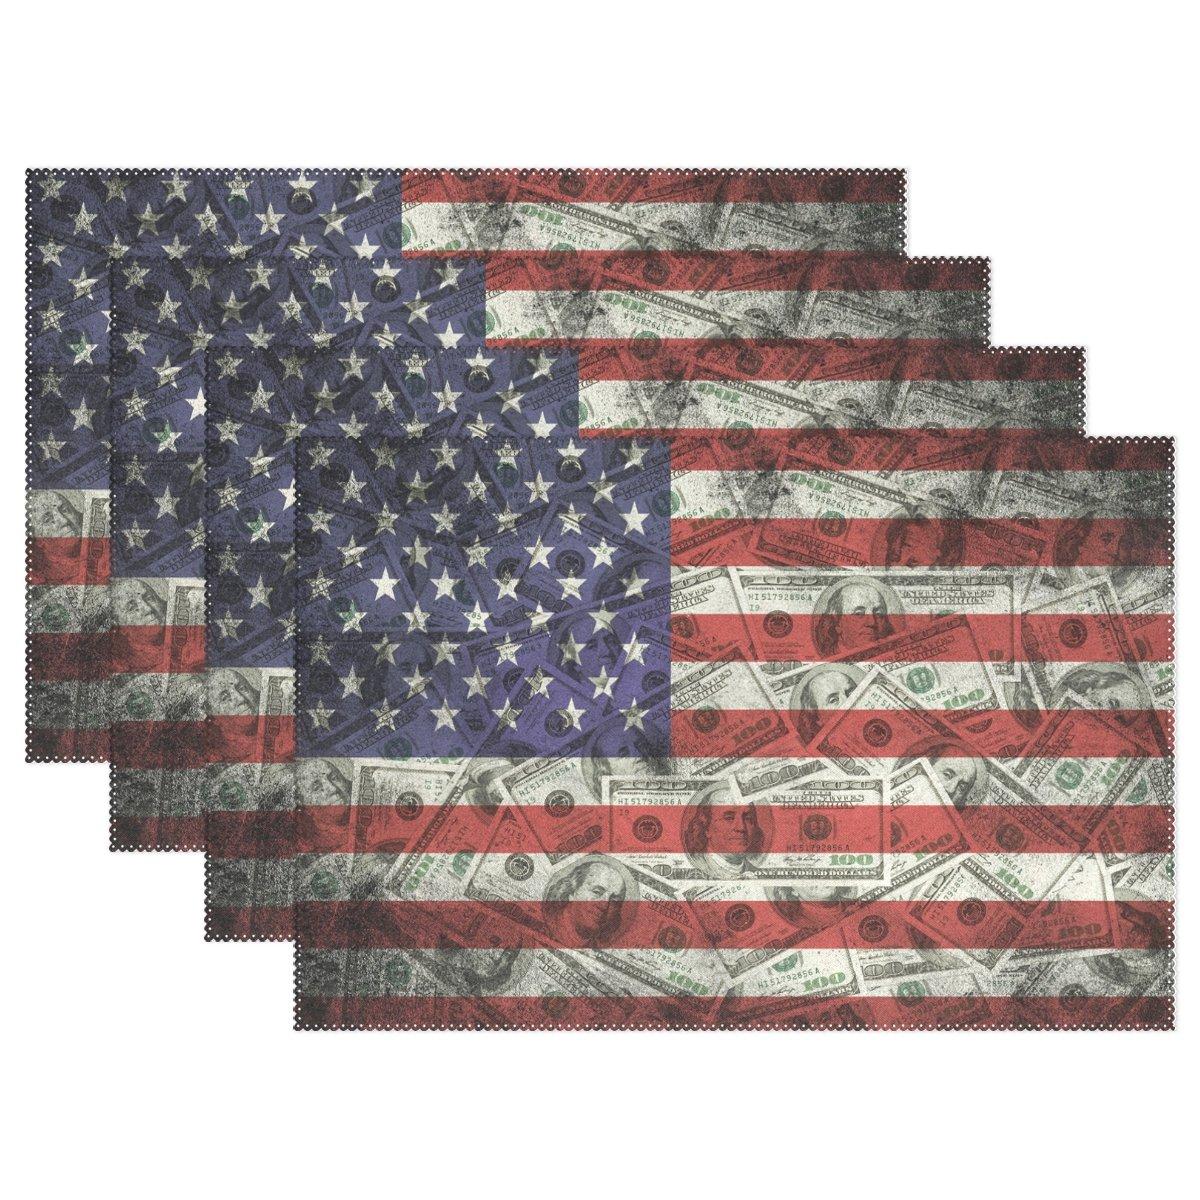 naanle多くの米国100ドルアメリカフラグプレースマットセットの1 / 4 / 6 Washableテーブルマットキッチンダイニングテーブルfor 12 x 18インチPlaceマット 1020618p145c160s239 4 マルチカラー B073VFNPLY